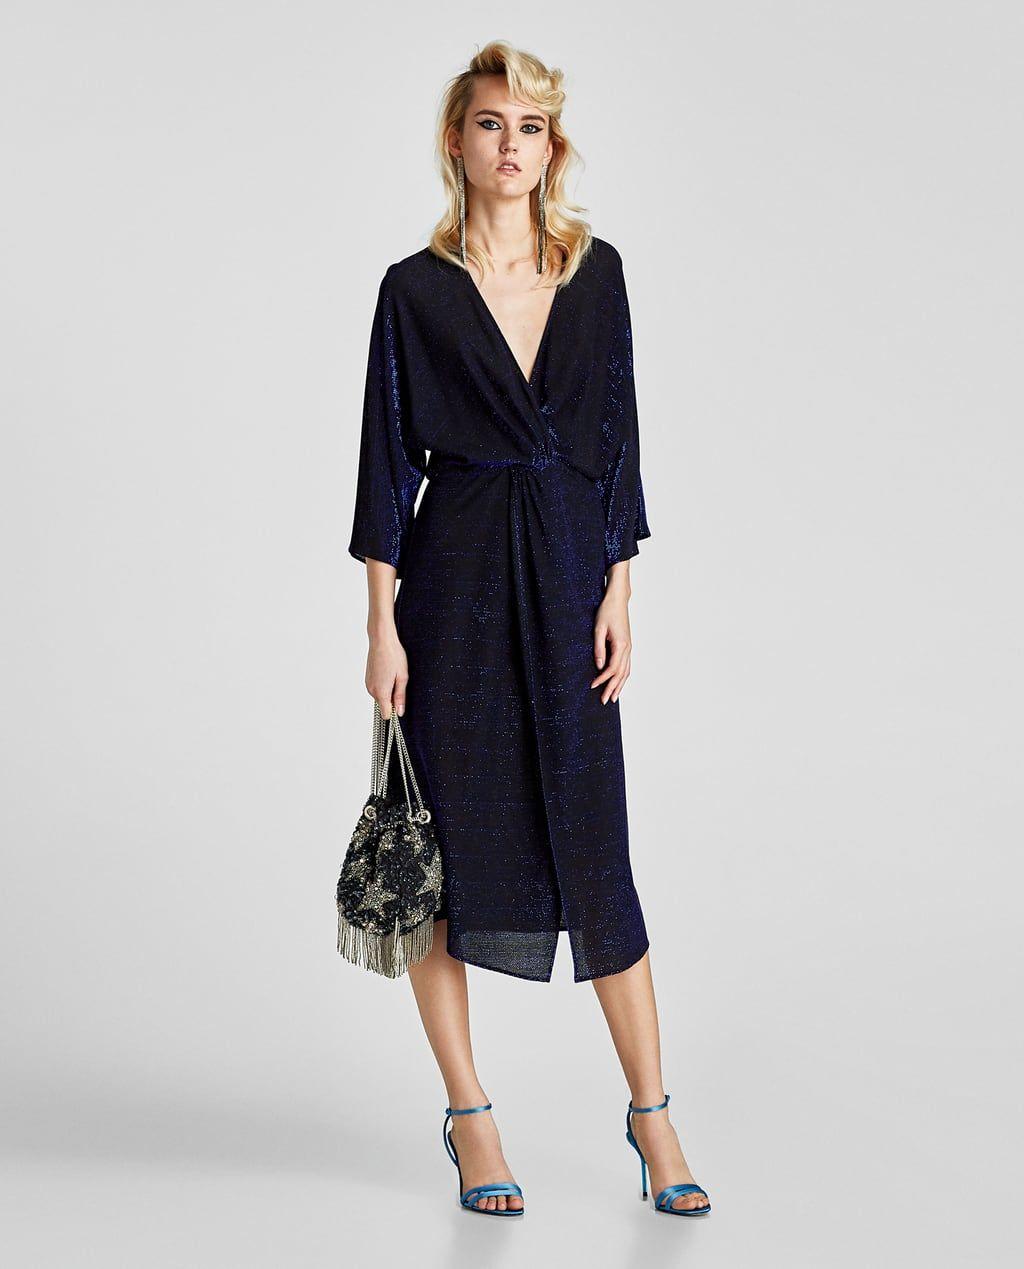 eb8472d2e30 ZARA - WOMAN - SHIMMERY V-NECK DRESS